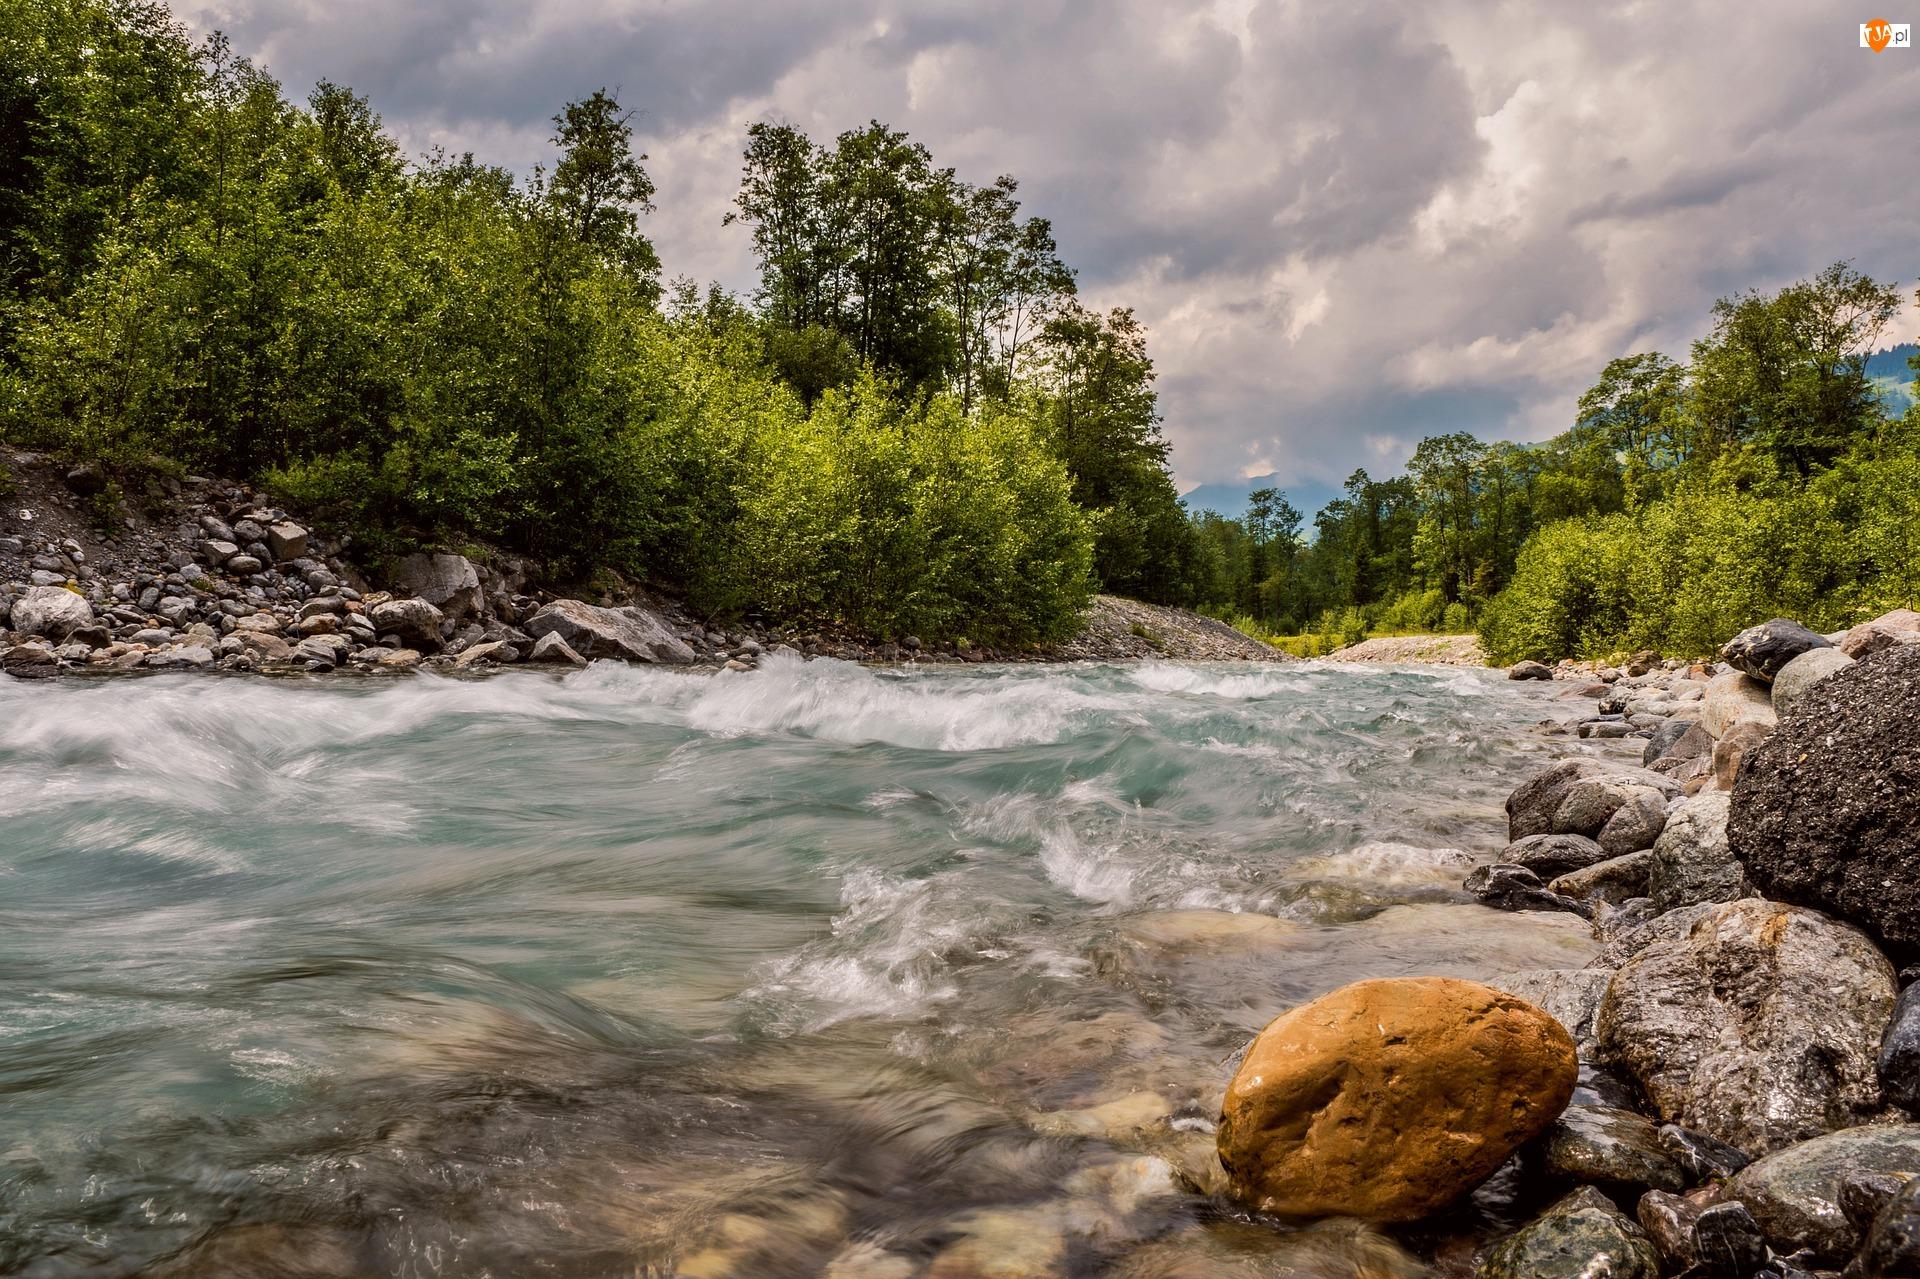 Drzewa, Rzeka, Kamienie, Zielone